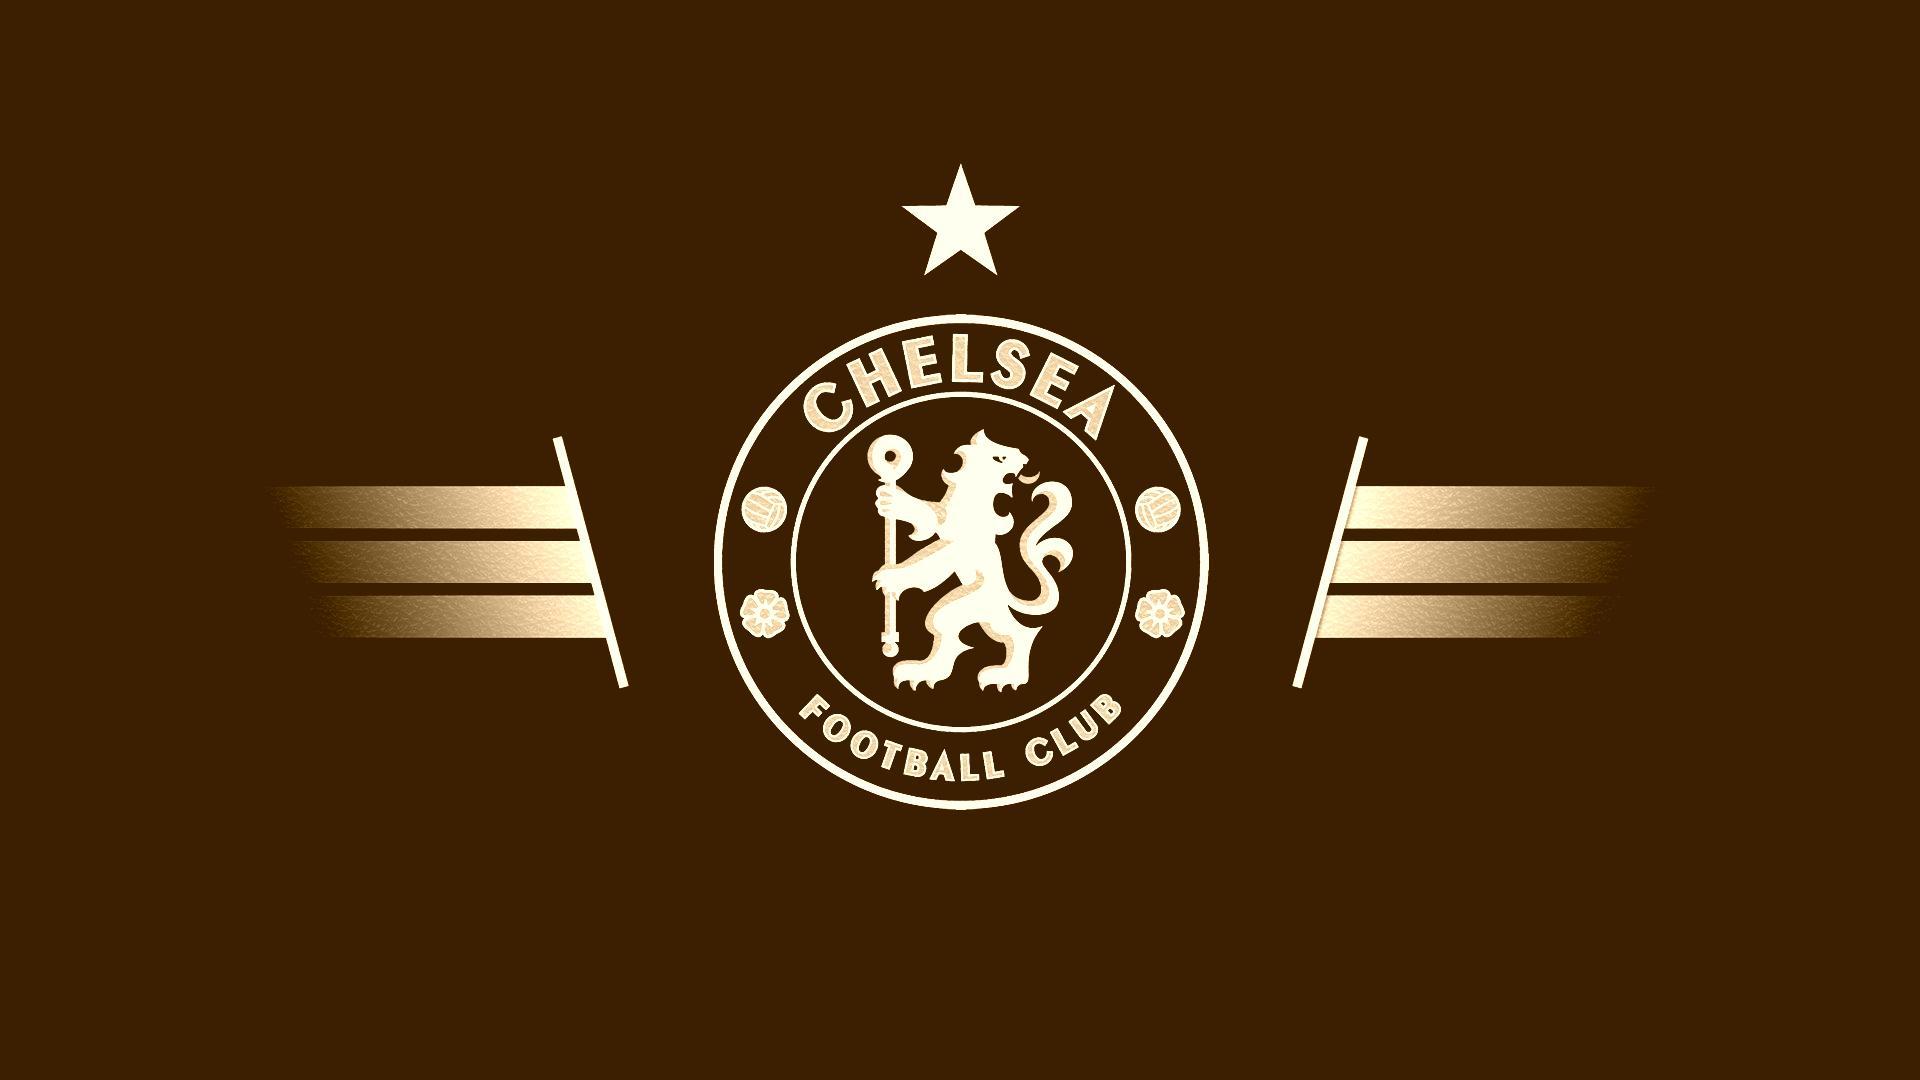 Chelsea Logo Wallpaper IPhone Wallpaper WallpaperLepi 1920x1080